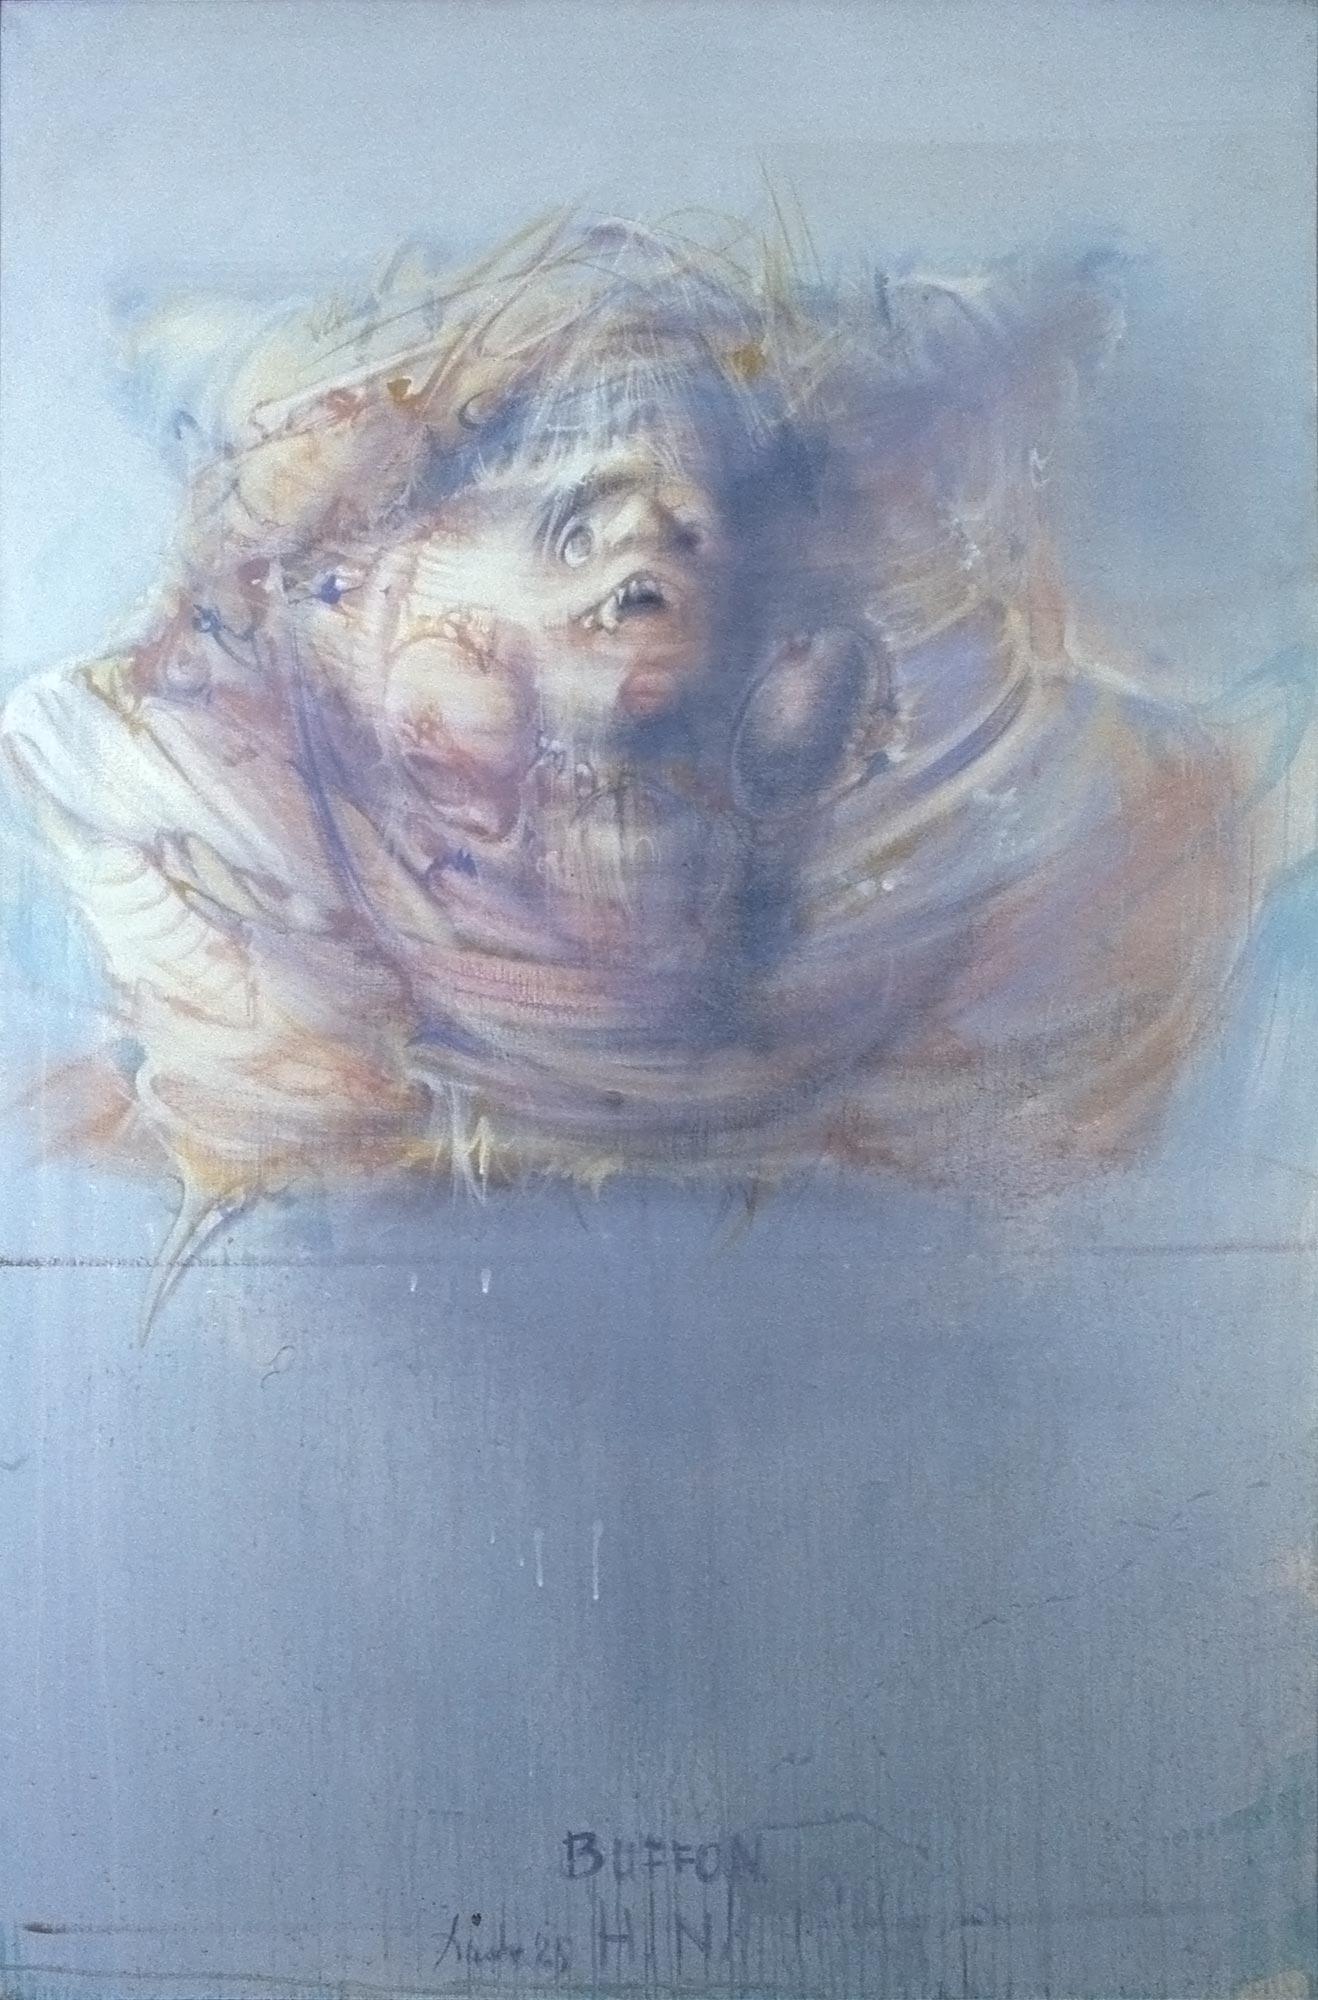 Dado: Cacicus cela, 1985